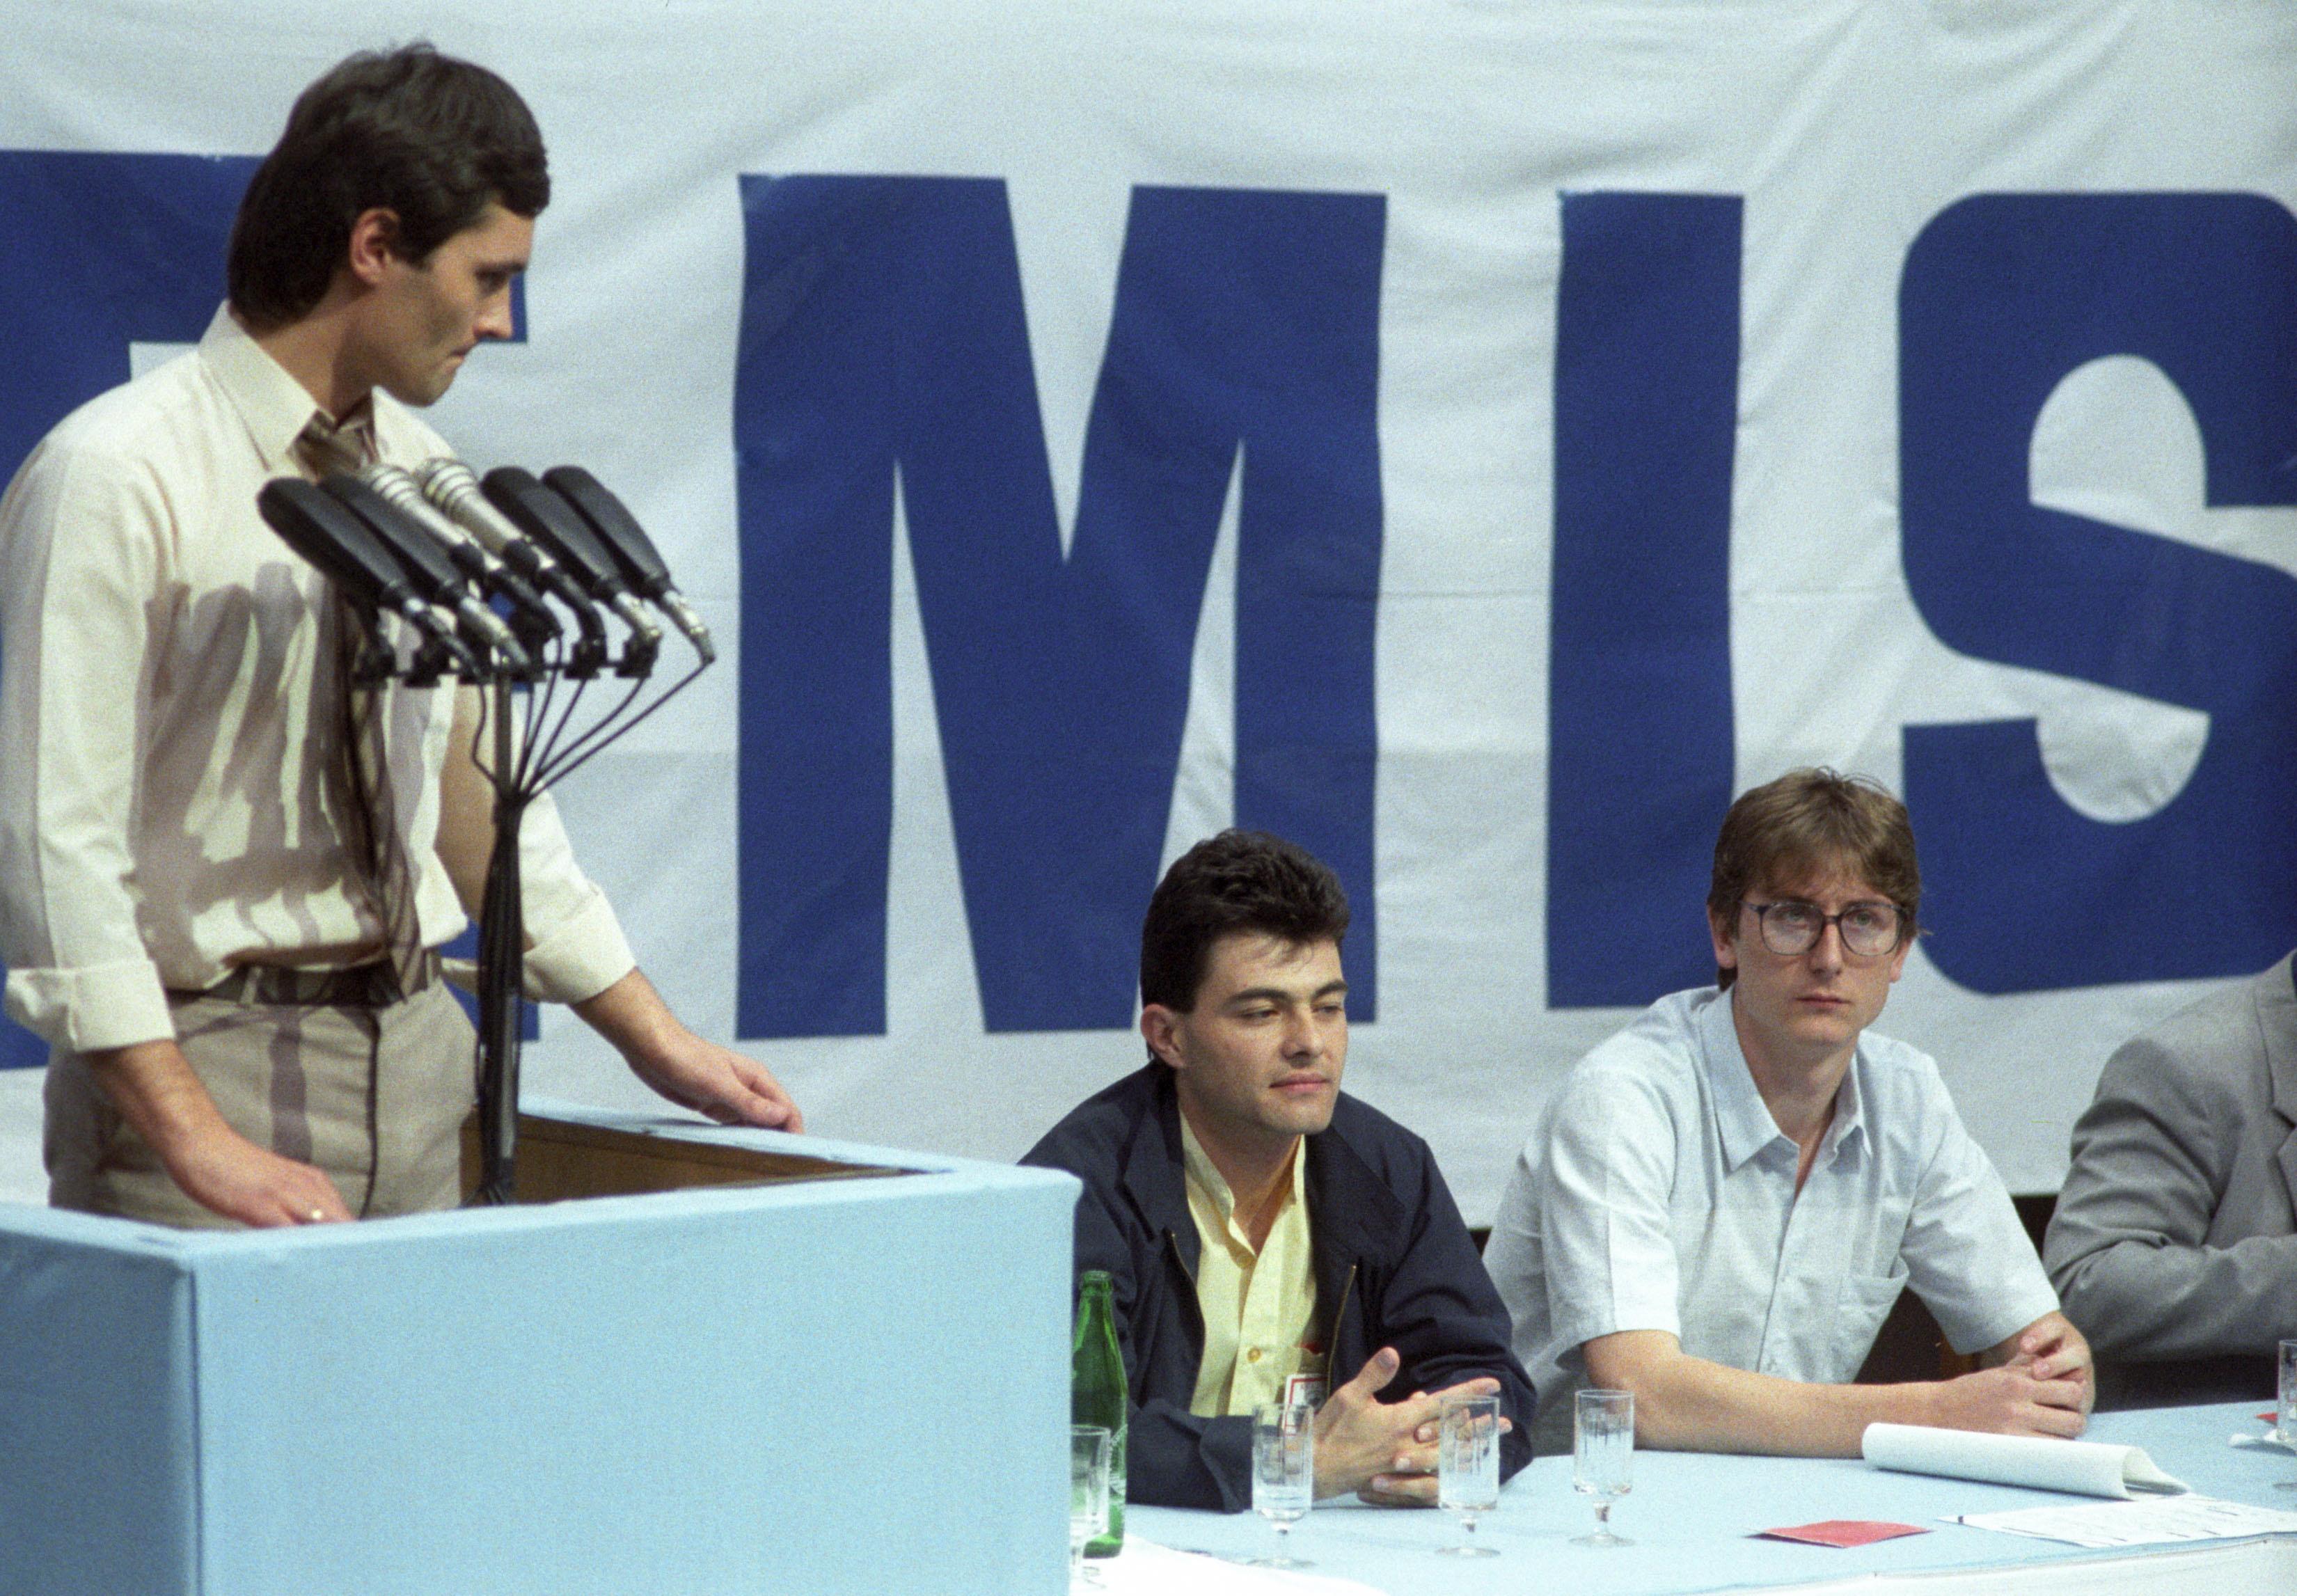 A győzelem és a vereség pillanata: Nagy Imre, a DEMISZ elnöke, alatta a frissen legyőzött, durcás Gyurcsány / Fotó: MTI